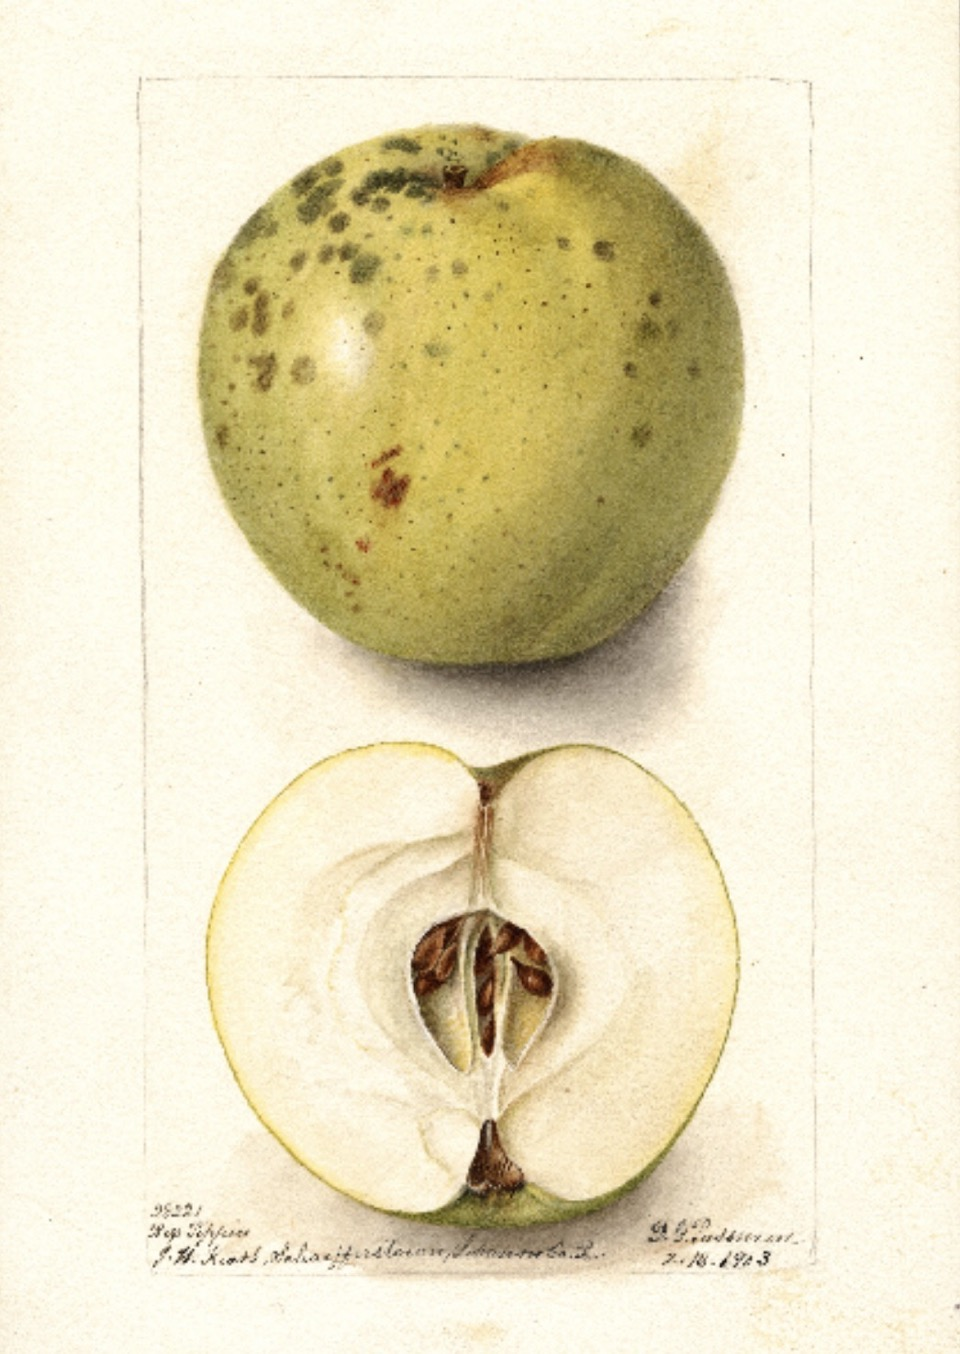 Historische Abbildung eines grünlichen und eines aufgeschnittenen Apfels; USDA